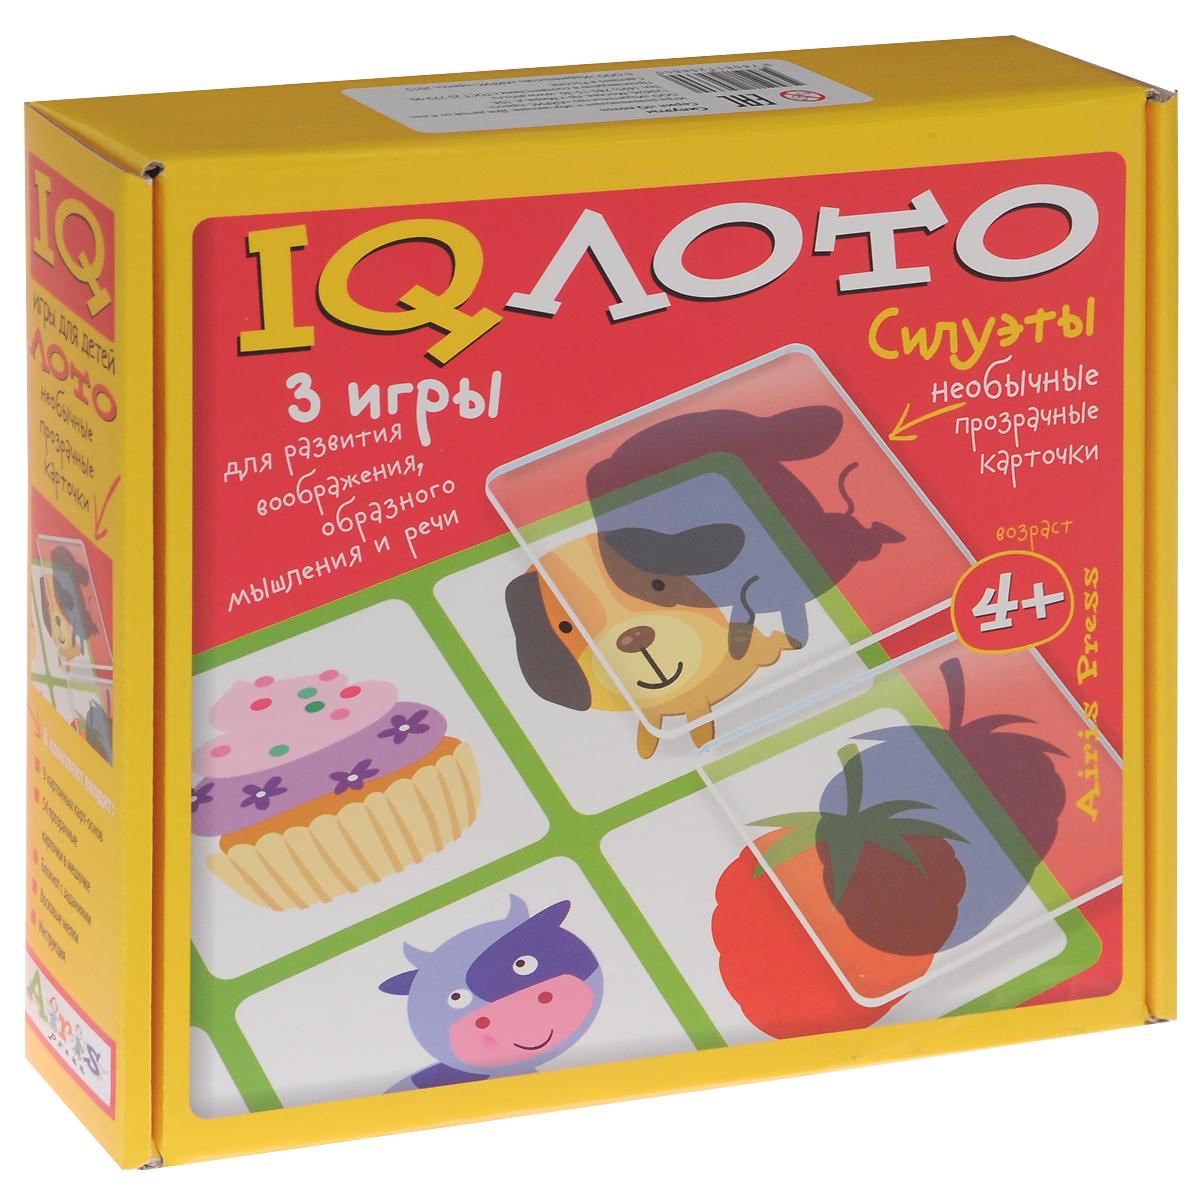 Айрис-пресс Обучающая игра IQ Лото Силуэты 3 в 1978-5-8112-5660-0Набор настольных игр IQ Лото. Силуэты включает лото Силуэты, игру Сказочная путаница, а также блокнот Кляксики. В комплекте подробные правила для игр на русском языке. Комплект лото Силуэты содержит 9 картонных карт-основ, 54 пластиковых карточки и текстильный мешочек. Лото предназначено для компании от 2 до 9 игроков. Для игры Сказочная путаница используются 9 картонных карт лото. Игра предназначена для 2-3 игроков. К блокноту прилагаются восковые мелки 8 цветов. В дошкольном возрасте малыш получает знания и умения через собственные действия, поэтому играть - это и значит развиваться и обучаться. Перед вами необычные игры, развивающие сенсорику, внимание, мышление, воображение и речь. Играя в IQ Лото, ваш ребенок научится соотносить объем и плоскость, узнавать предмет по силуэту, выделять детали, которые делают объекты узнаваемыми, мысленно представлять проекцию предмета. В игре Сказочная путаница малыш сможет проявить свою фантазию, сочиняя...